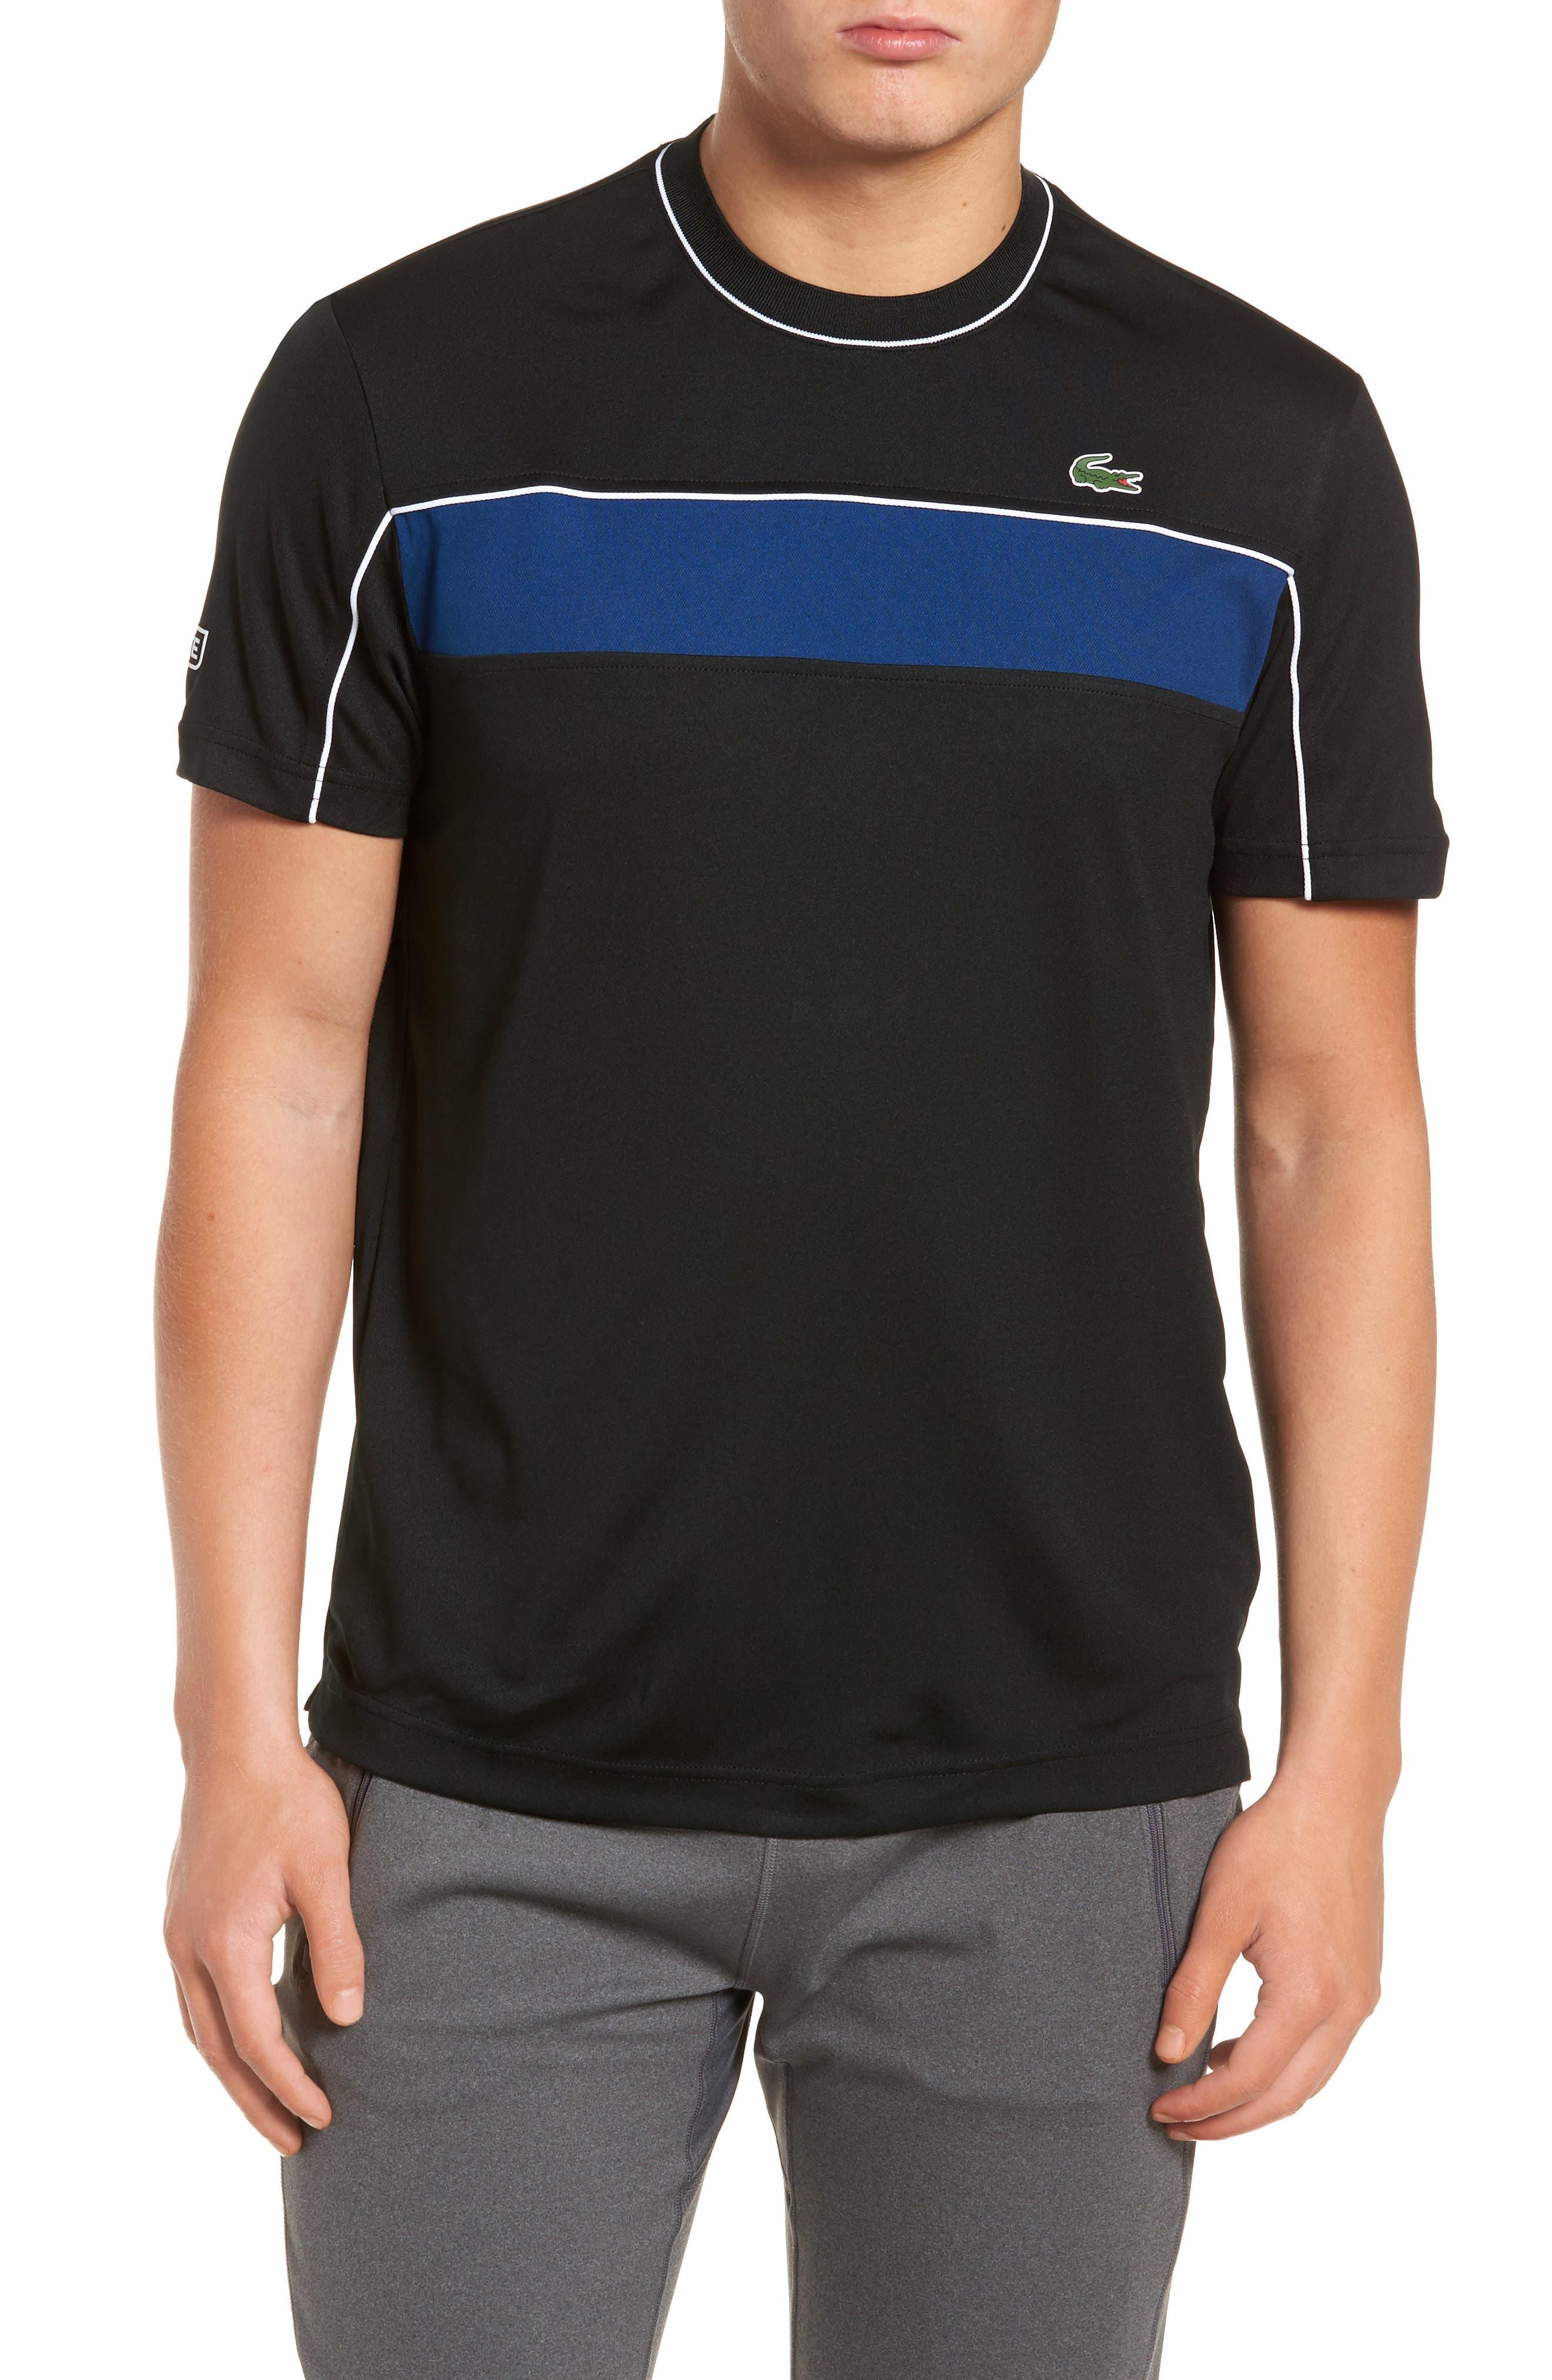 Alternate Image 1 Selected - Lacoste Piqué T-Shirt